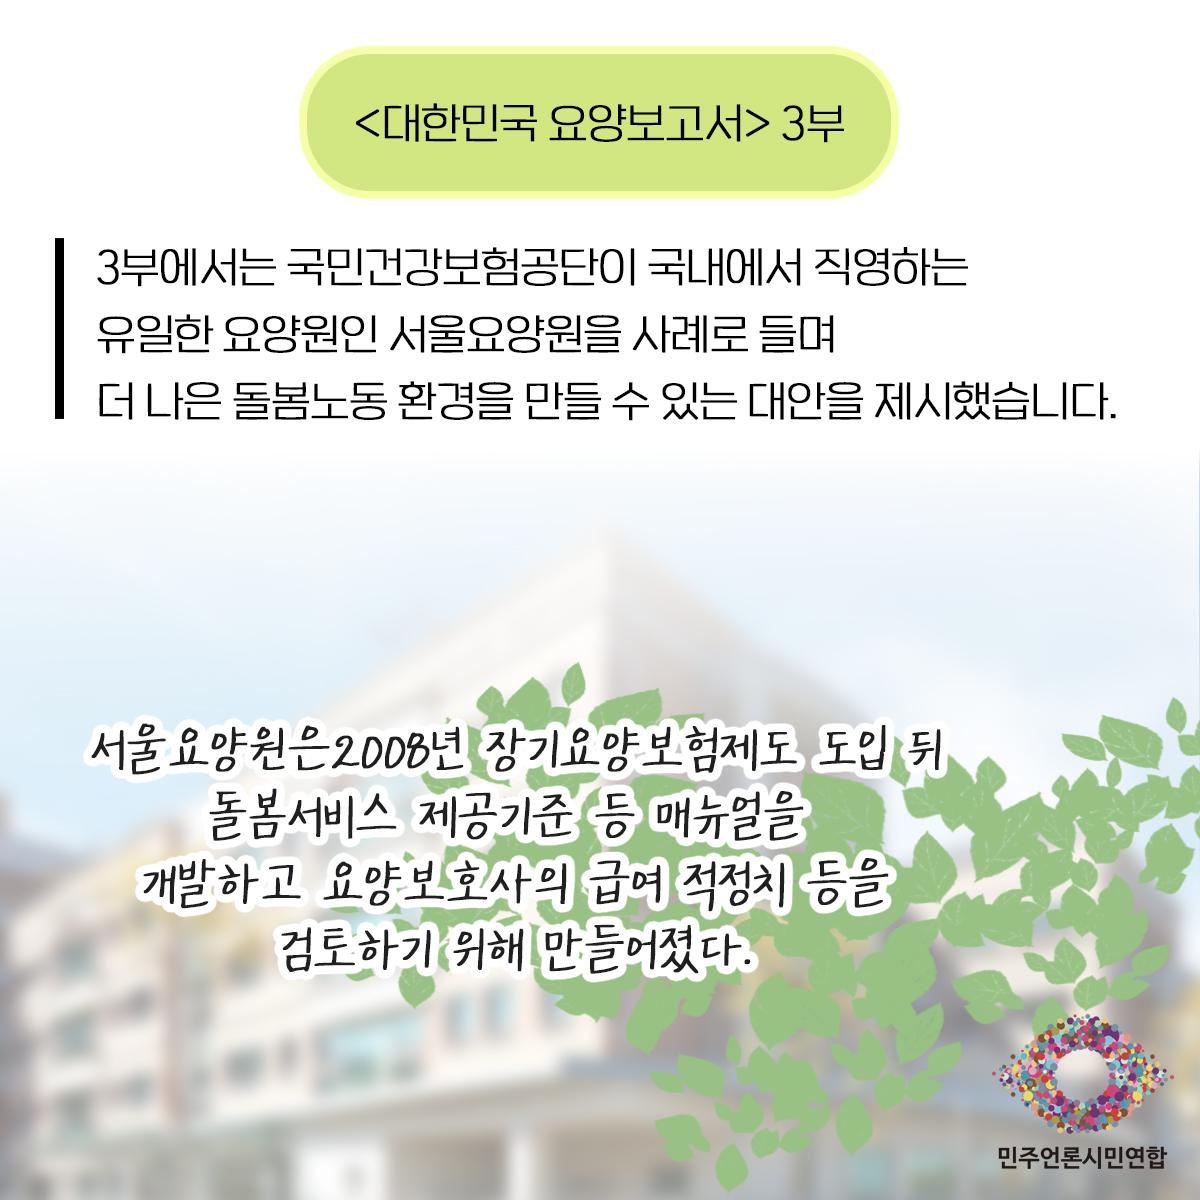 좋은보도상_한겨레_7.jpg